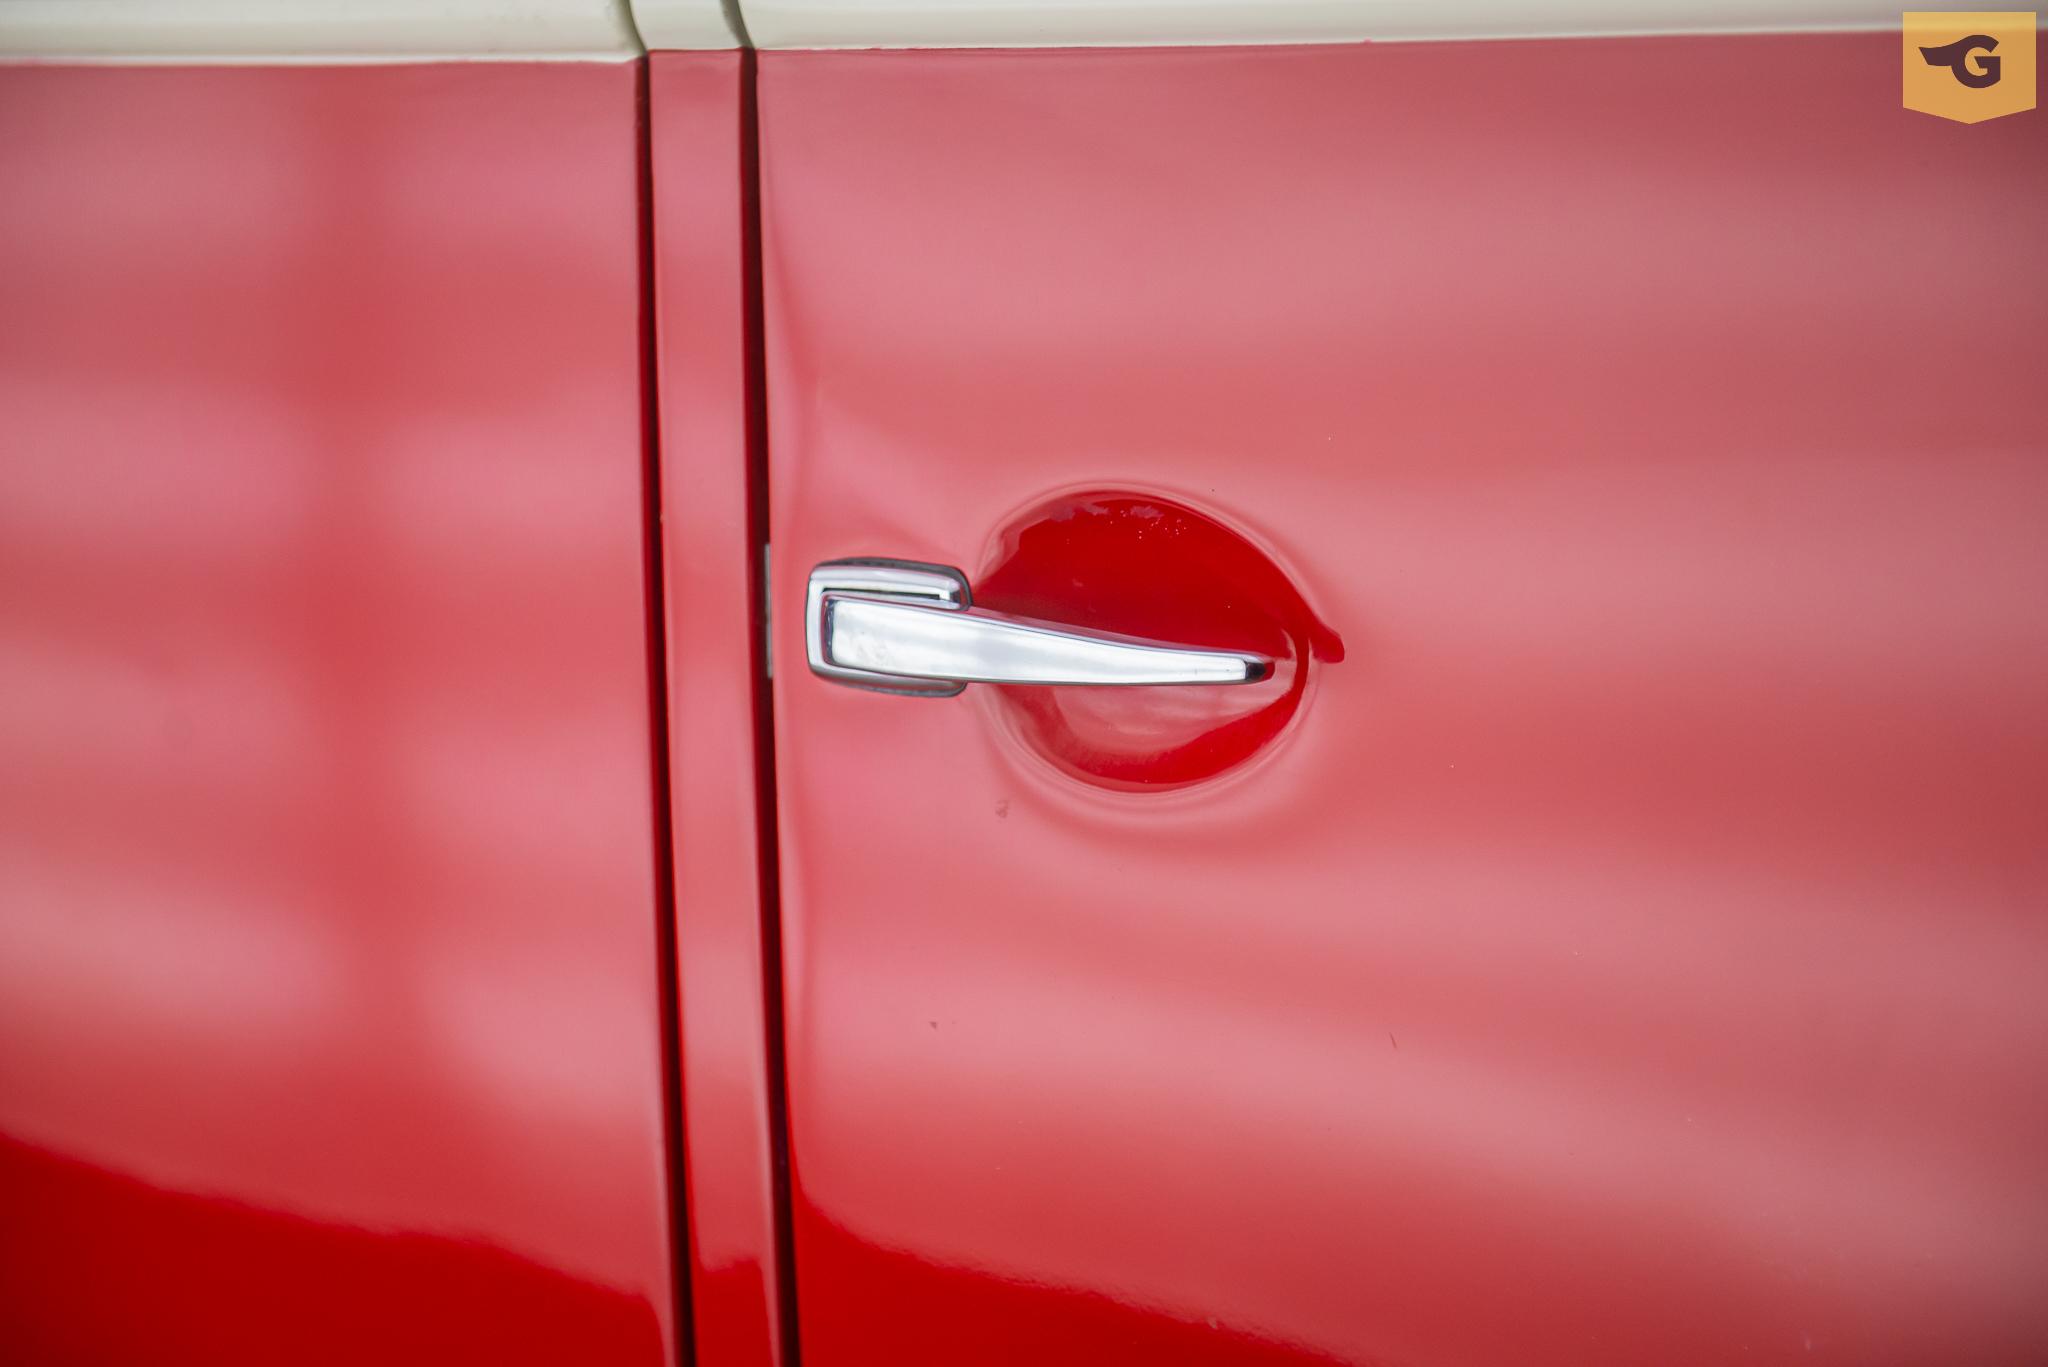 VW-kombi-1974-a-venda-sao-paulo-sp-for-sale-the-garage-classicos-a-melhor-loja-de-carros-antigos-acervo-de-carros-31